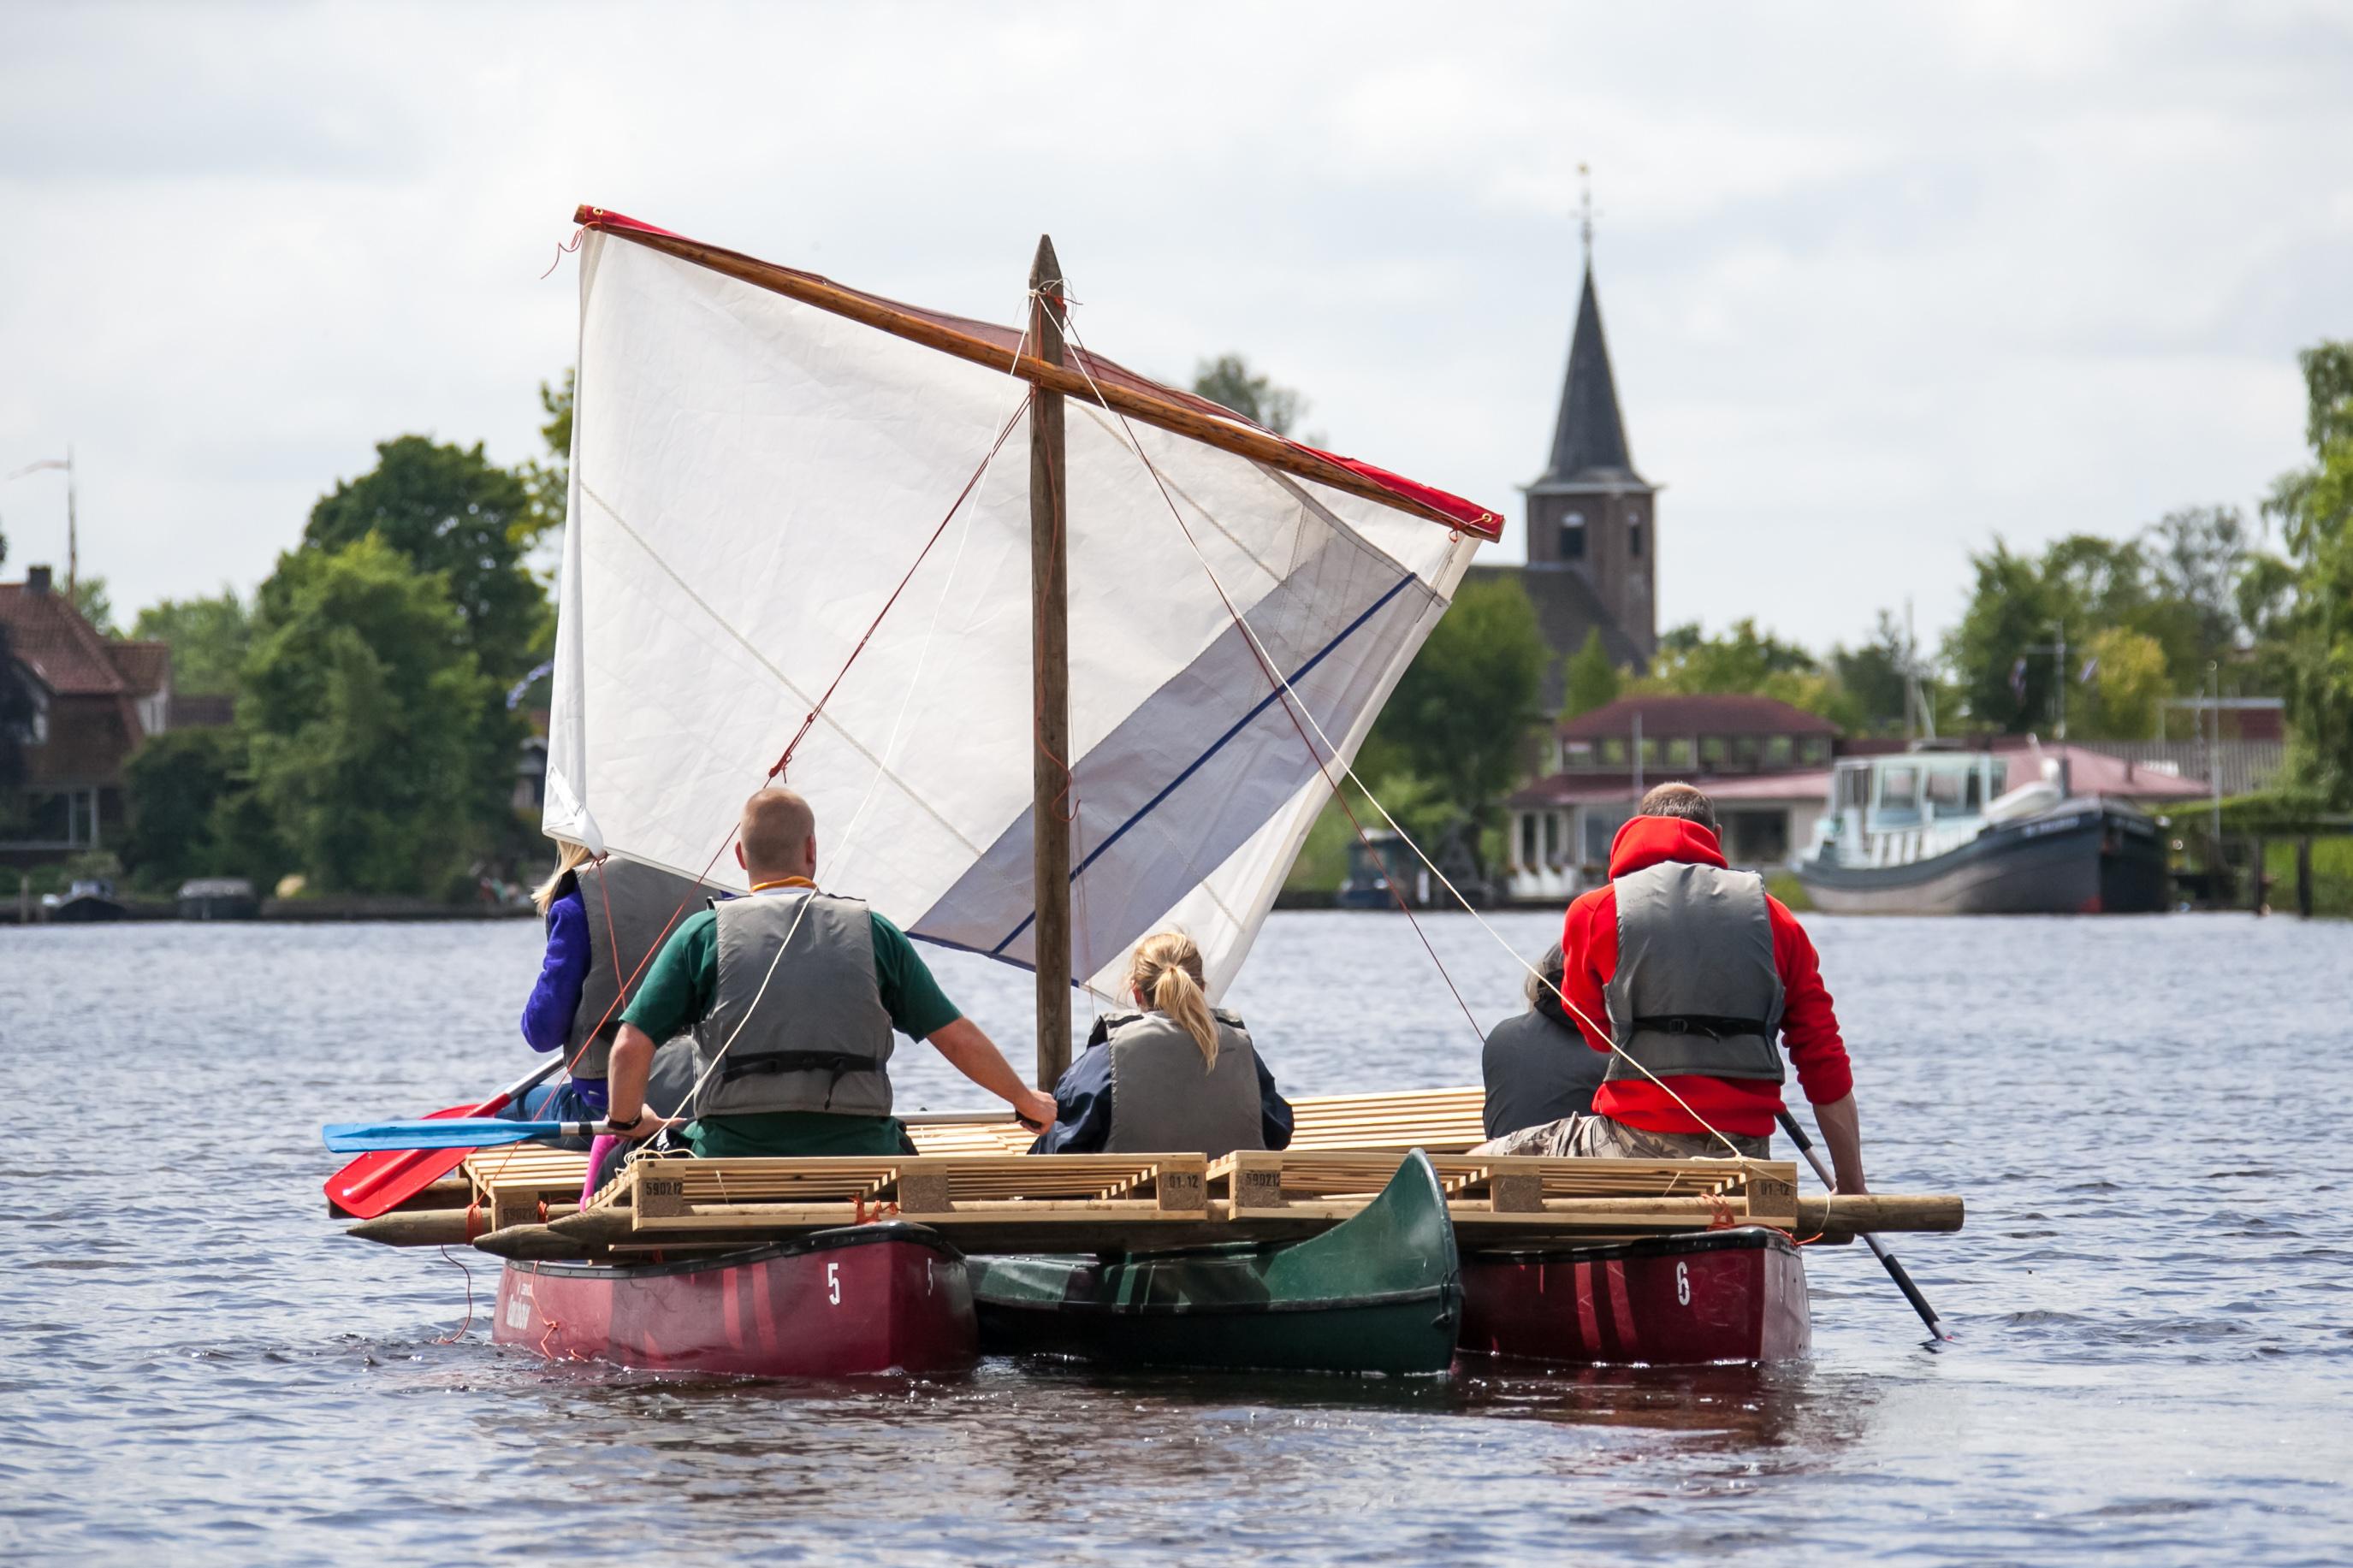 Vlottenbouwen tijdens een actieve familiedag in Friesland